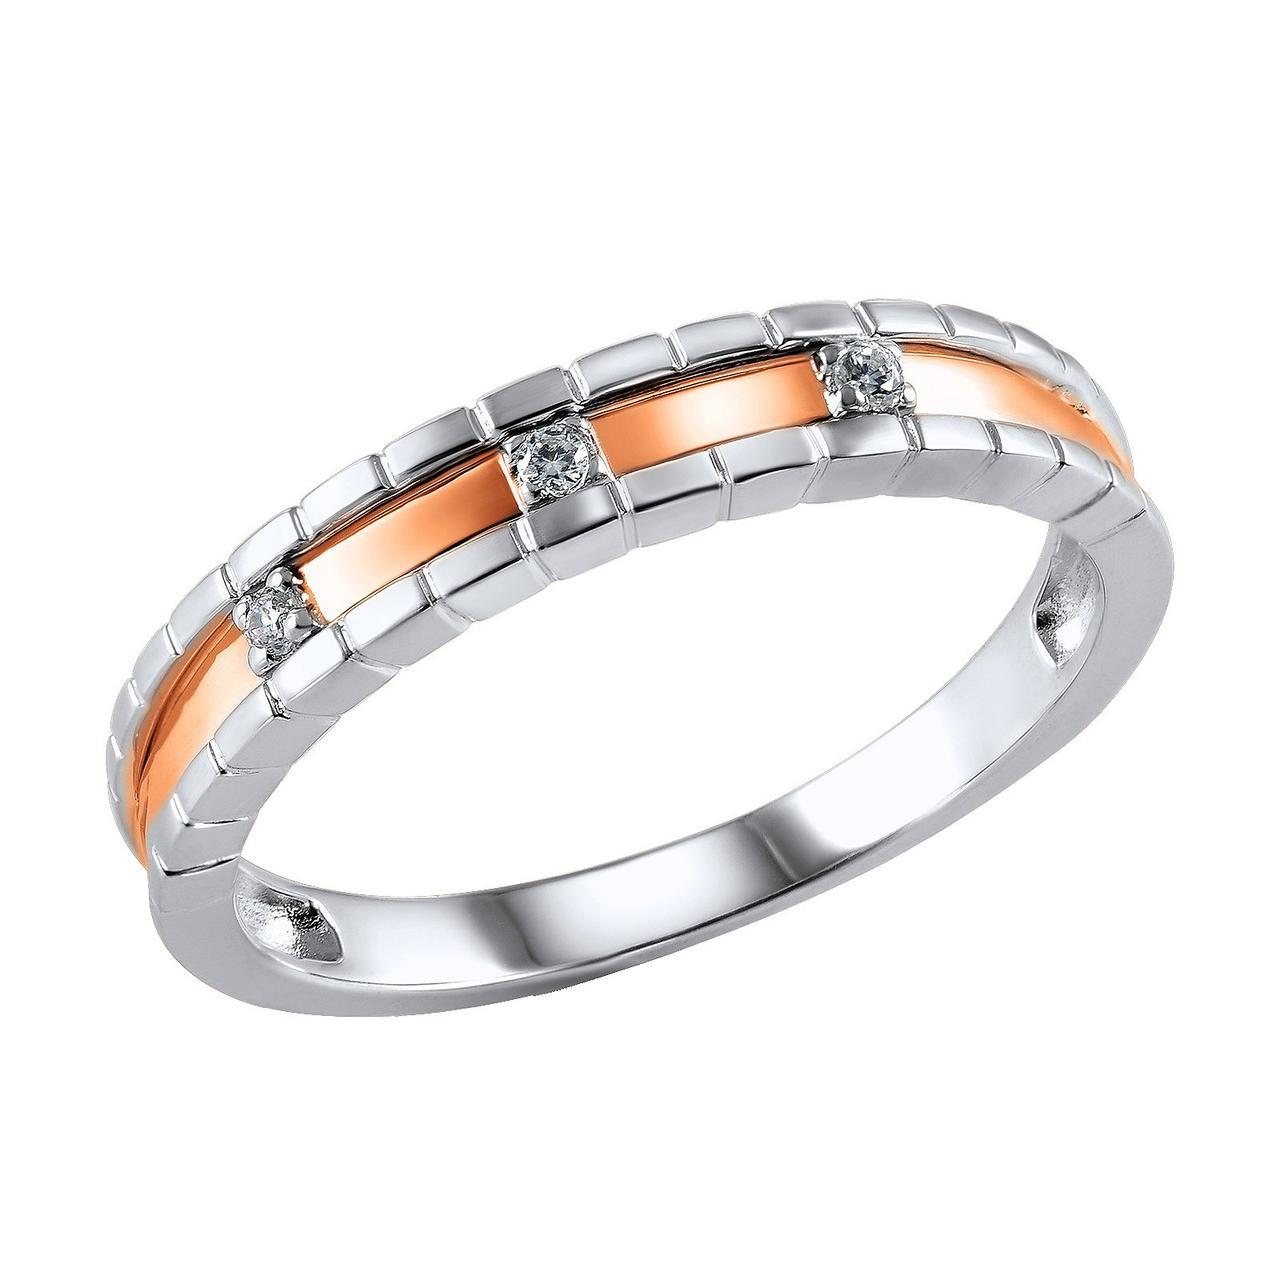 Золотое кольцо с бриллиантами, размер 16 (814972)